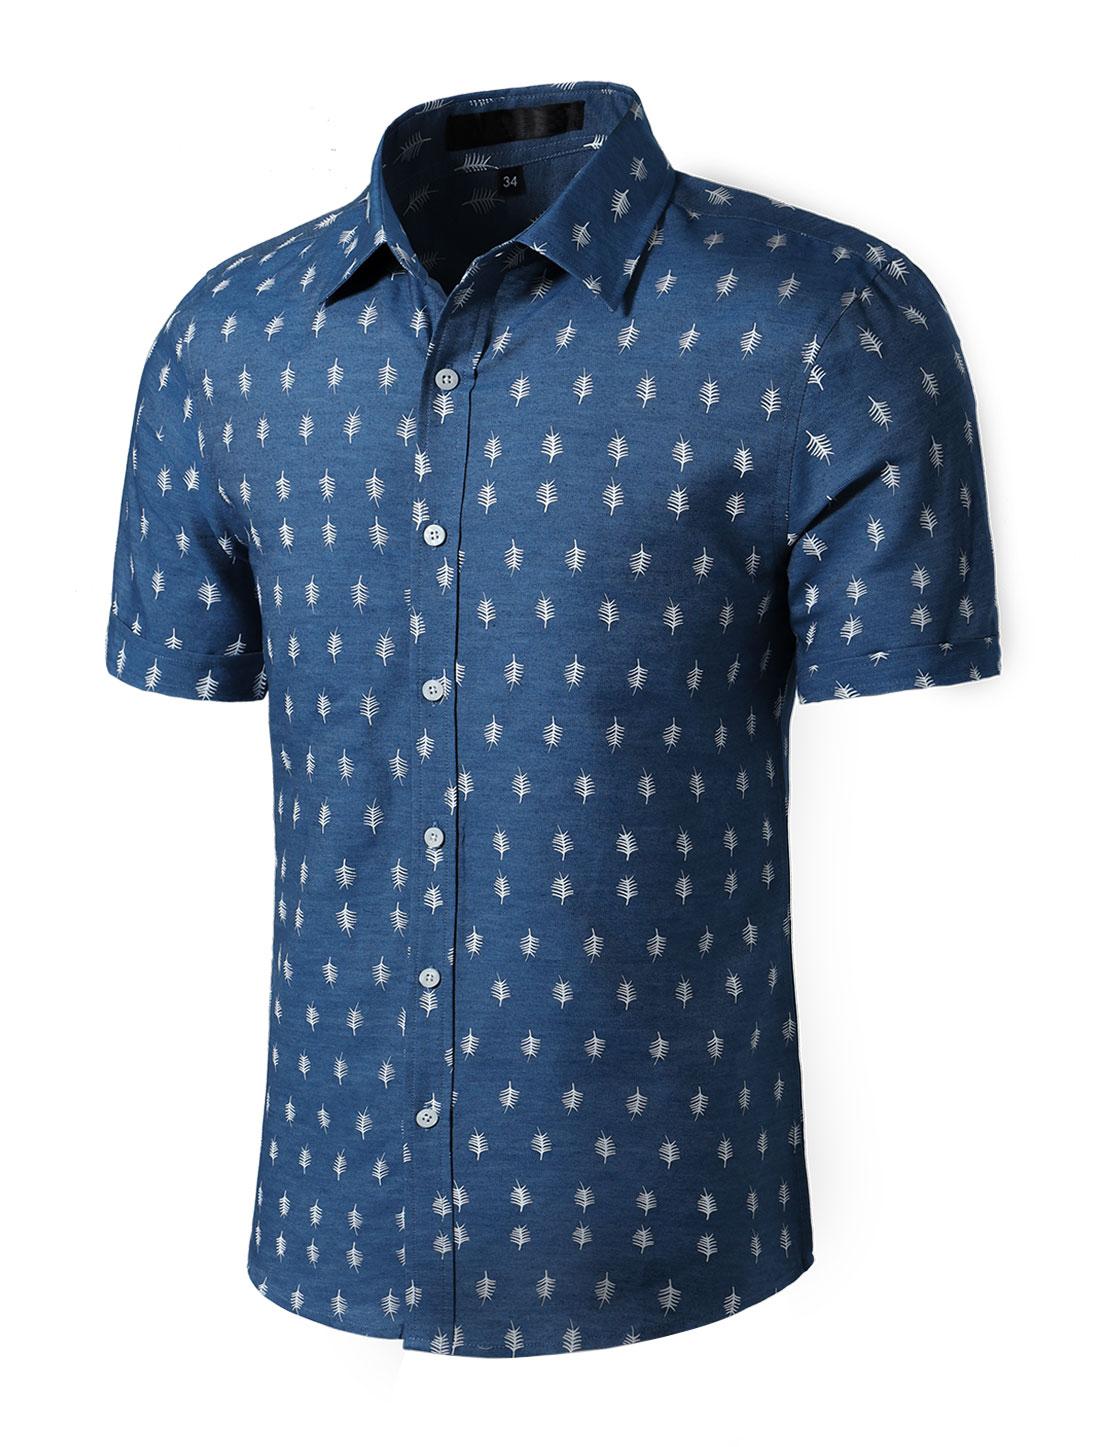 Men Short Sleeves Button Closed Leaves Prints Cotton Shirt Denim Blue M